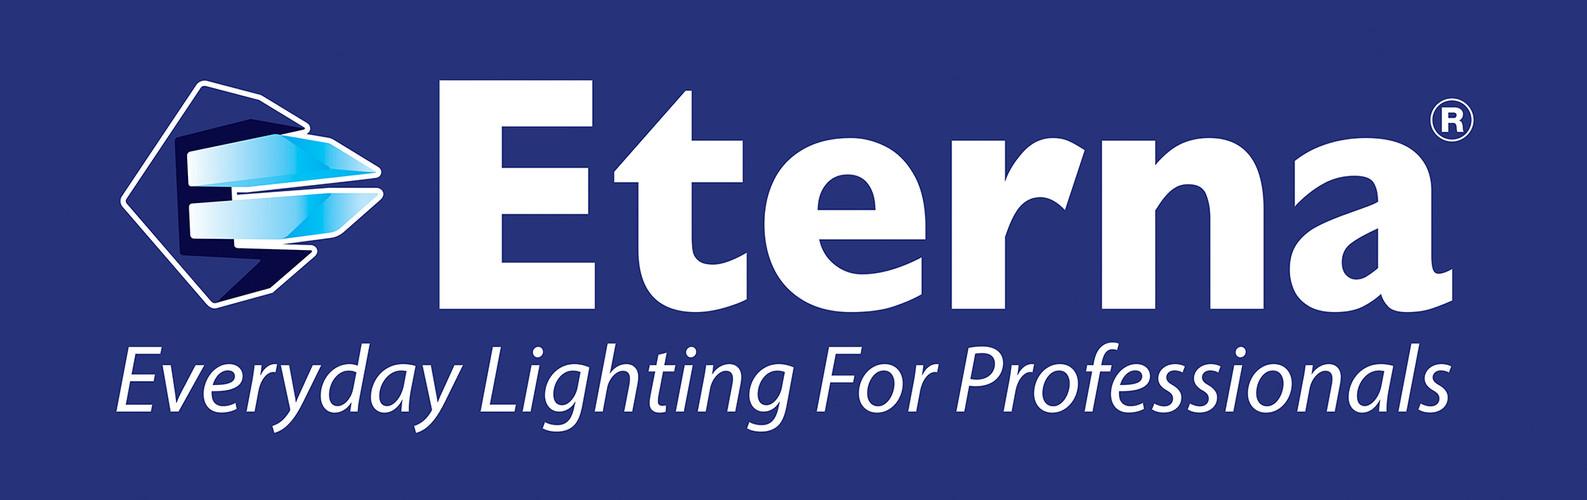 ETERNA logo 2016 FINAL on bkgrnd.jpg